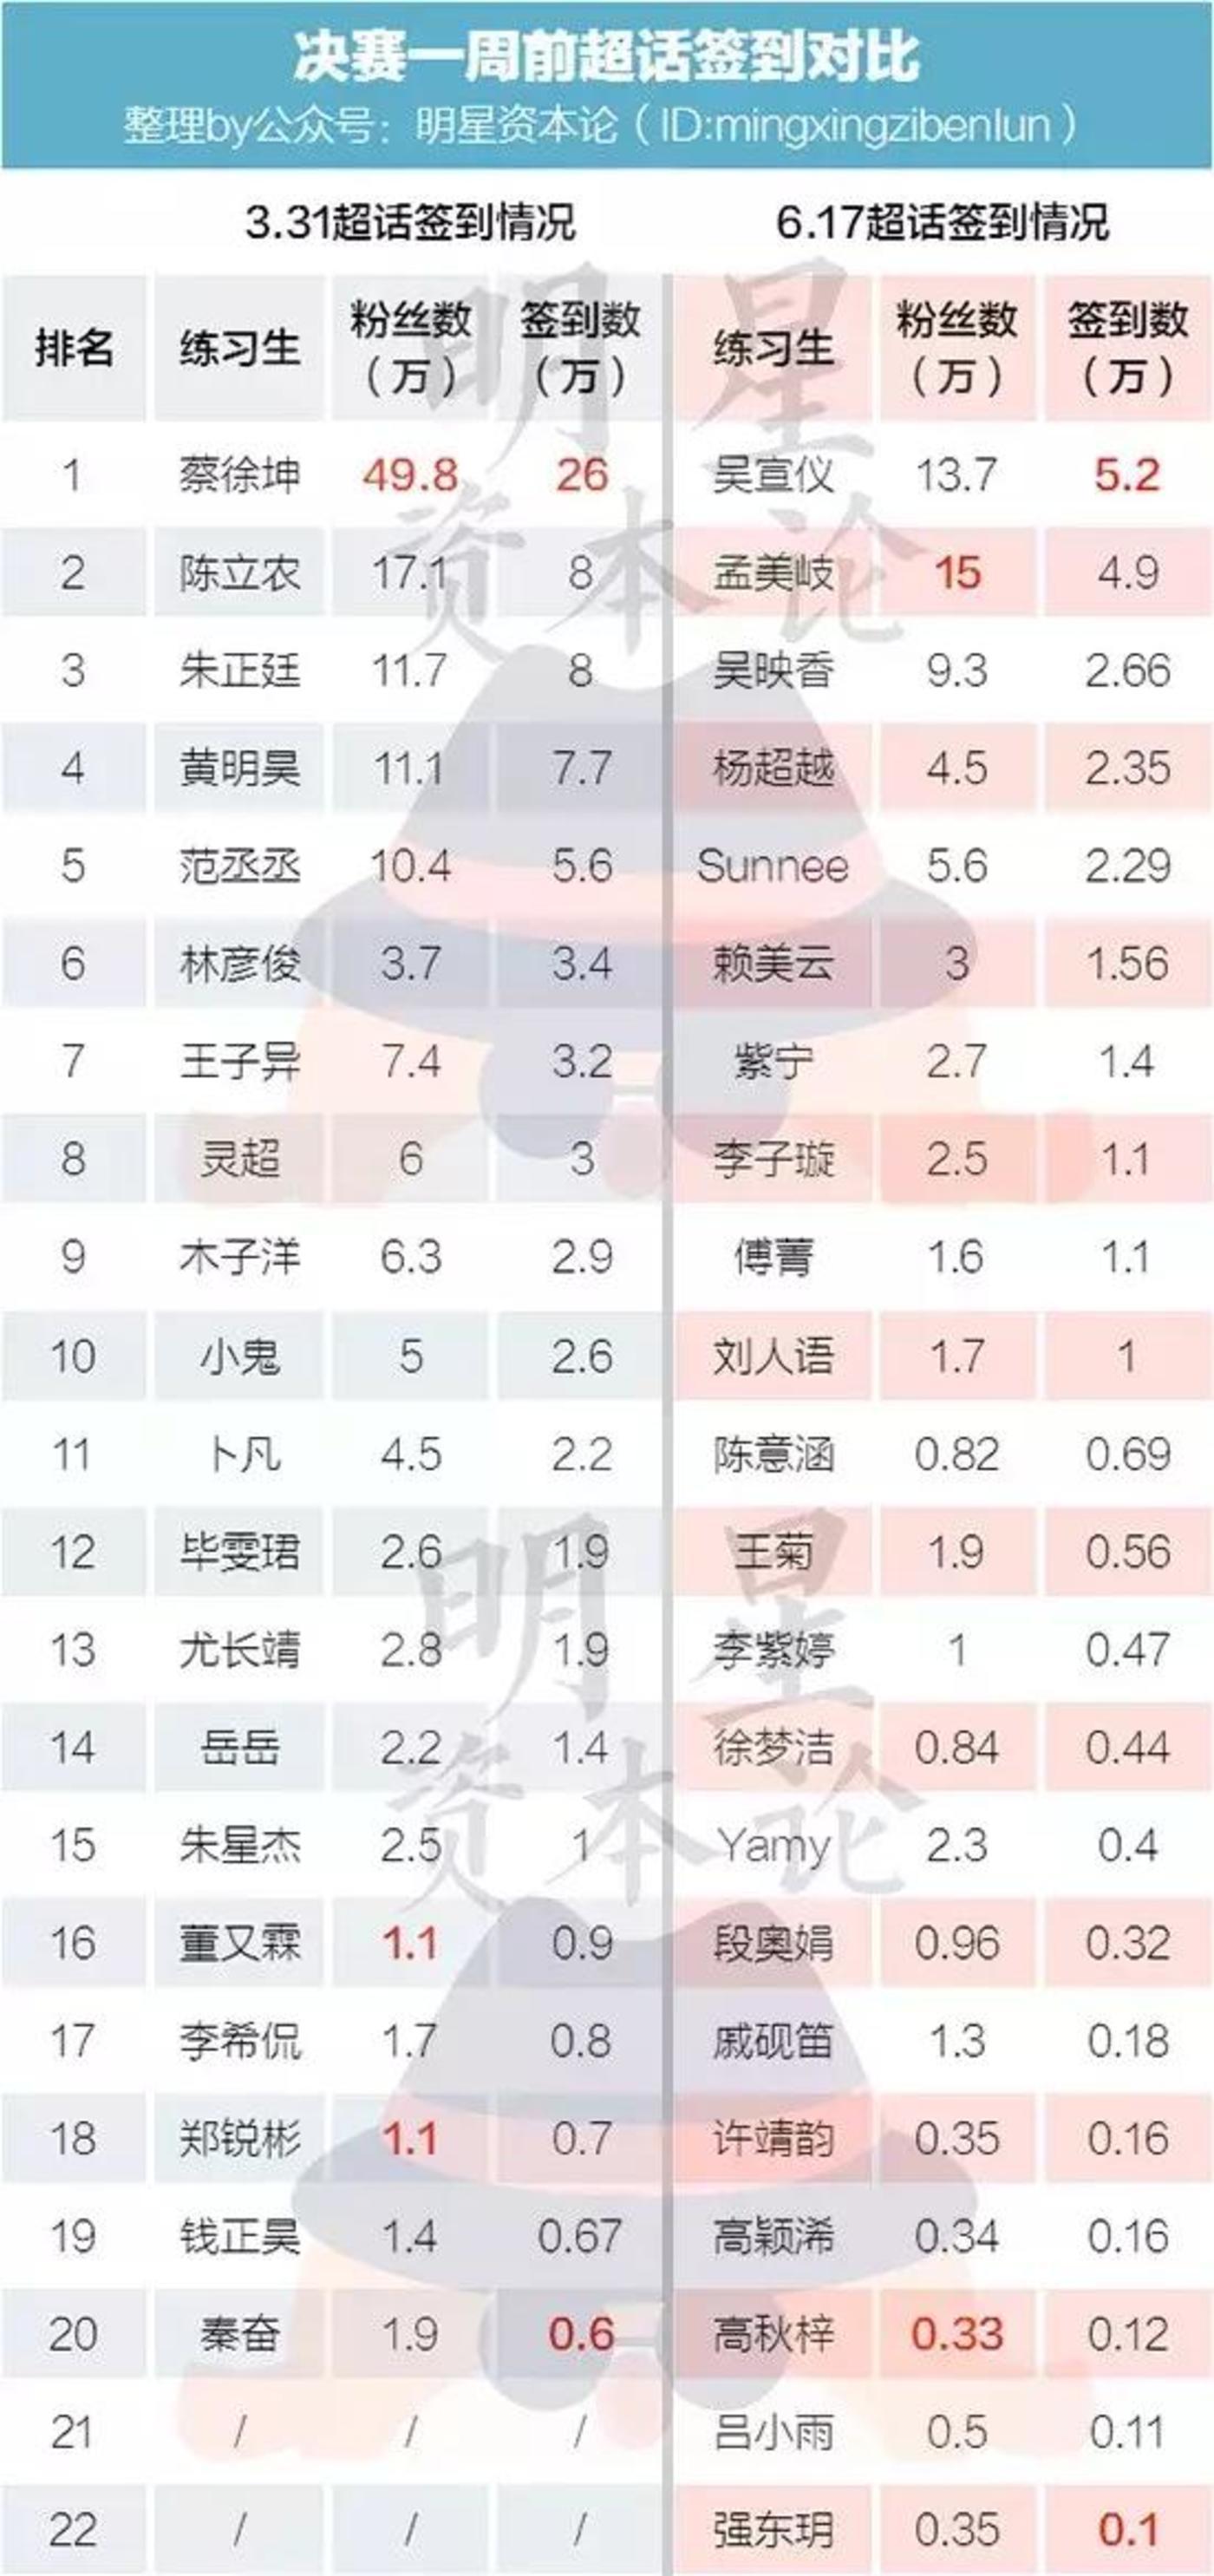 以上数据均统计于两个决赛的一周前(偶练决赛4月6日;101决赛6月23日)